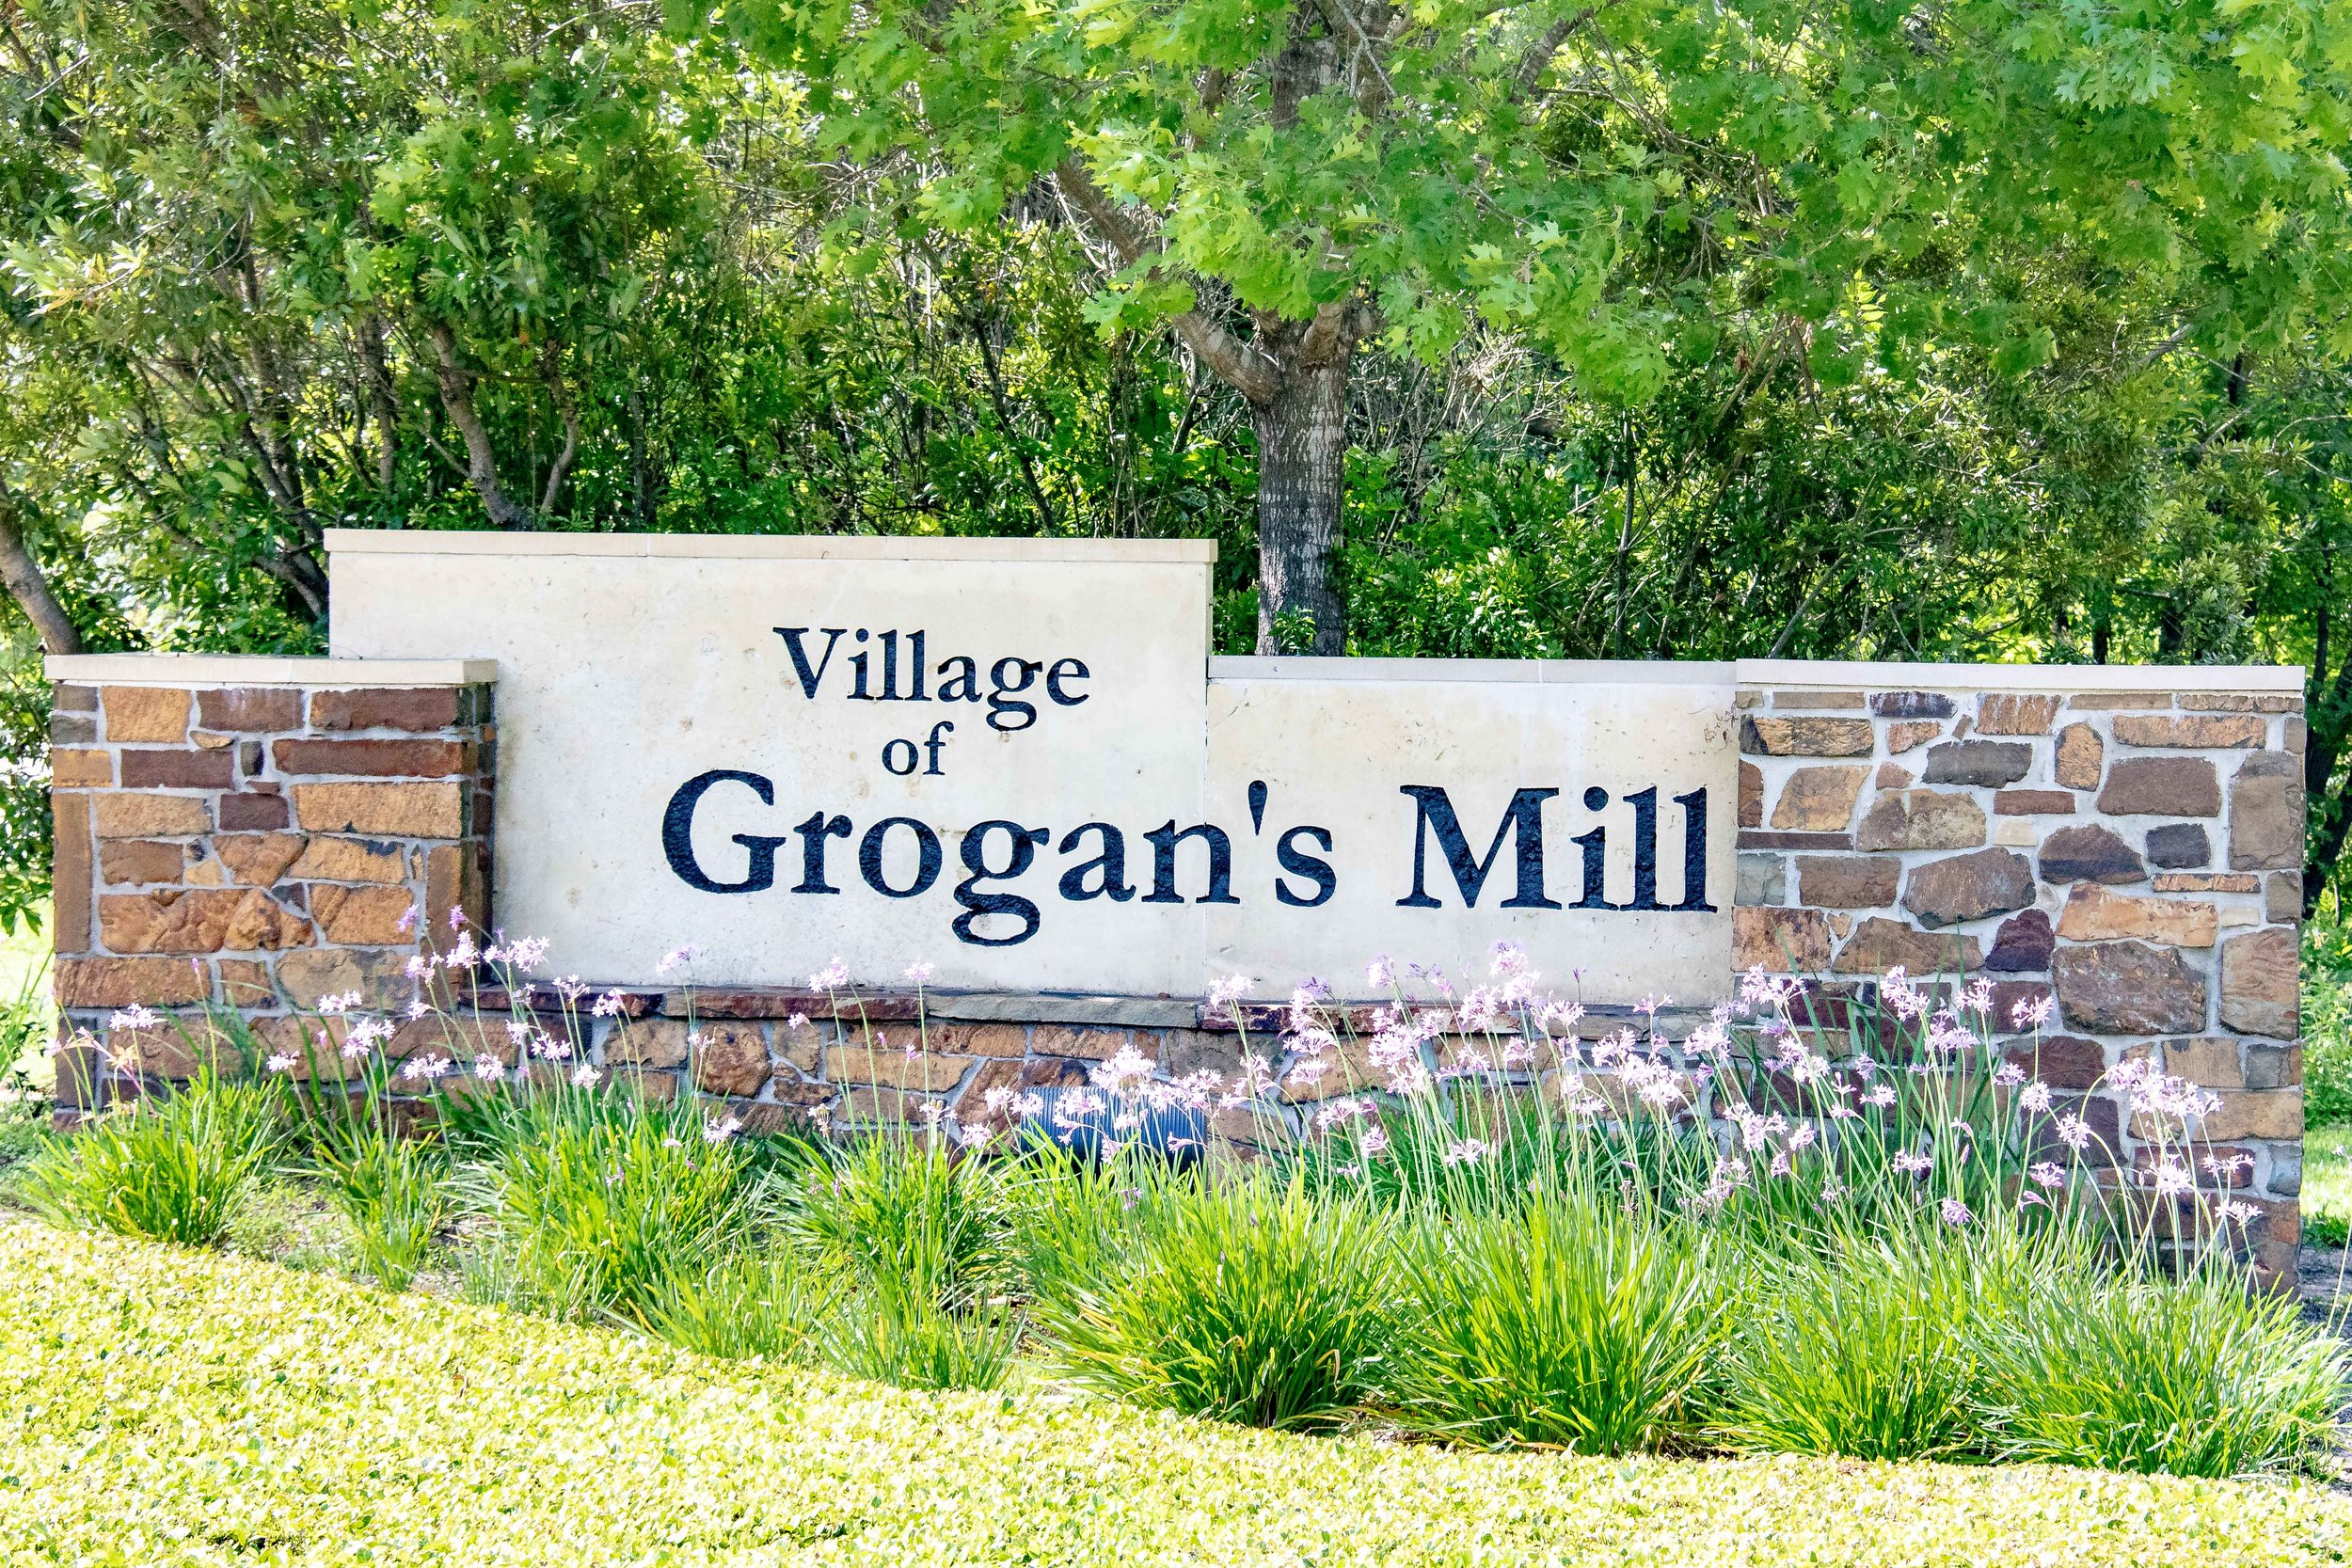 Village of Grogan's Mill